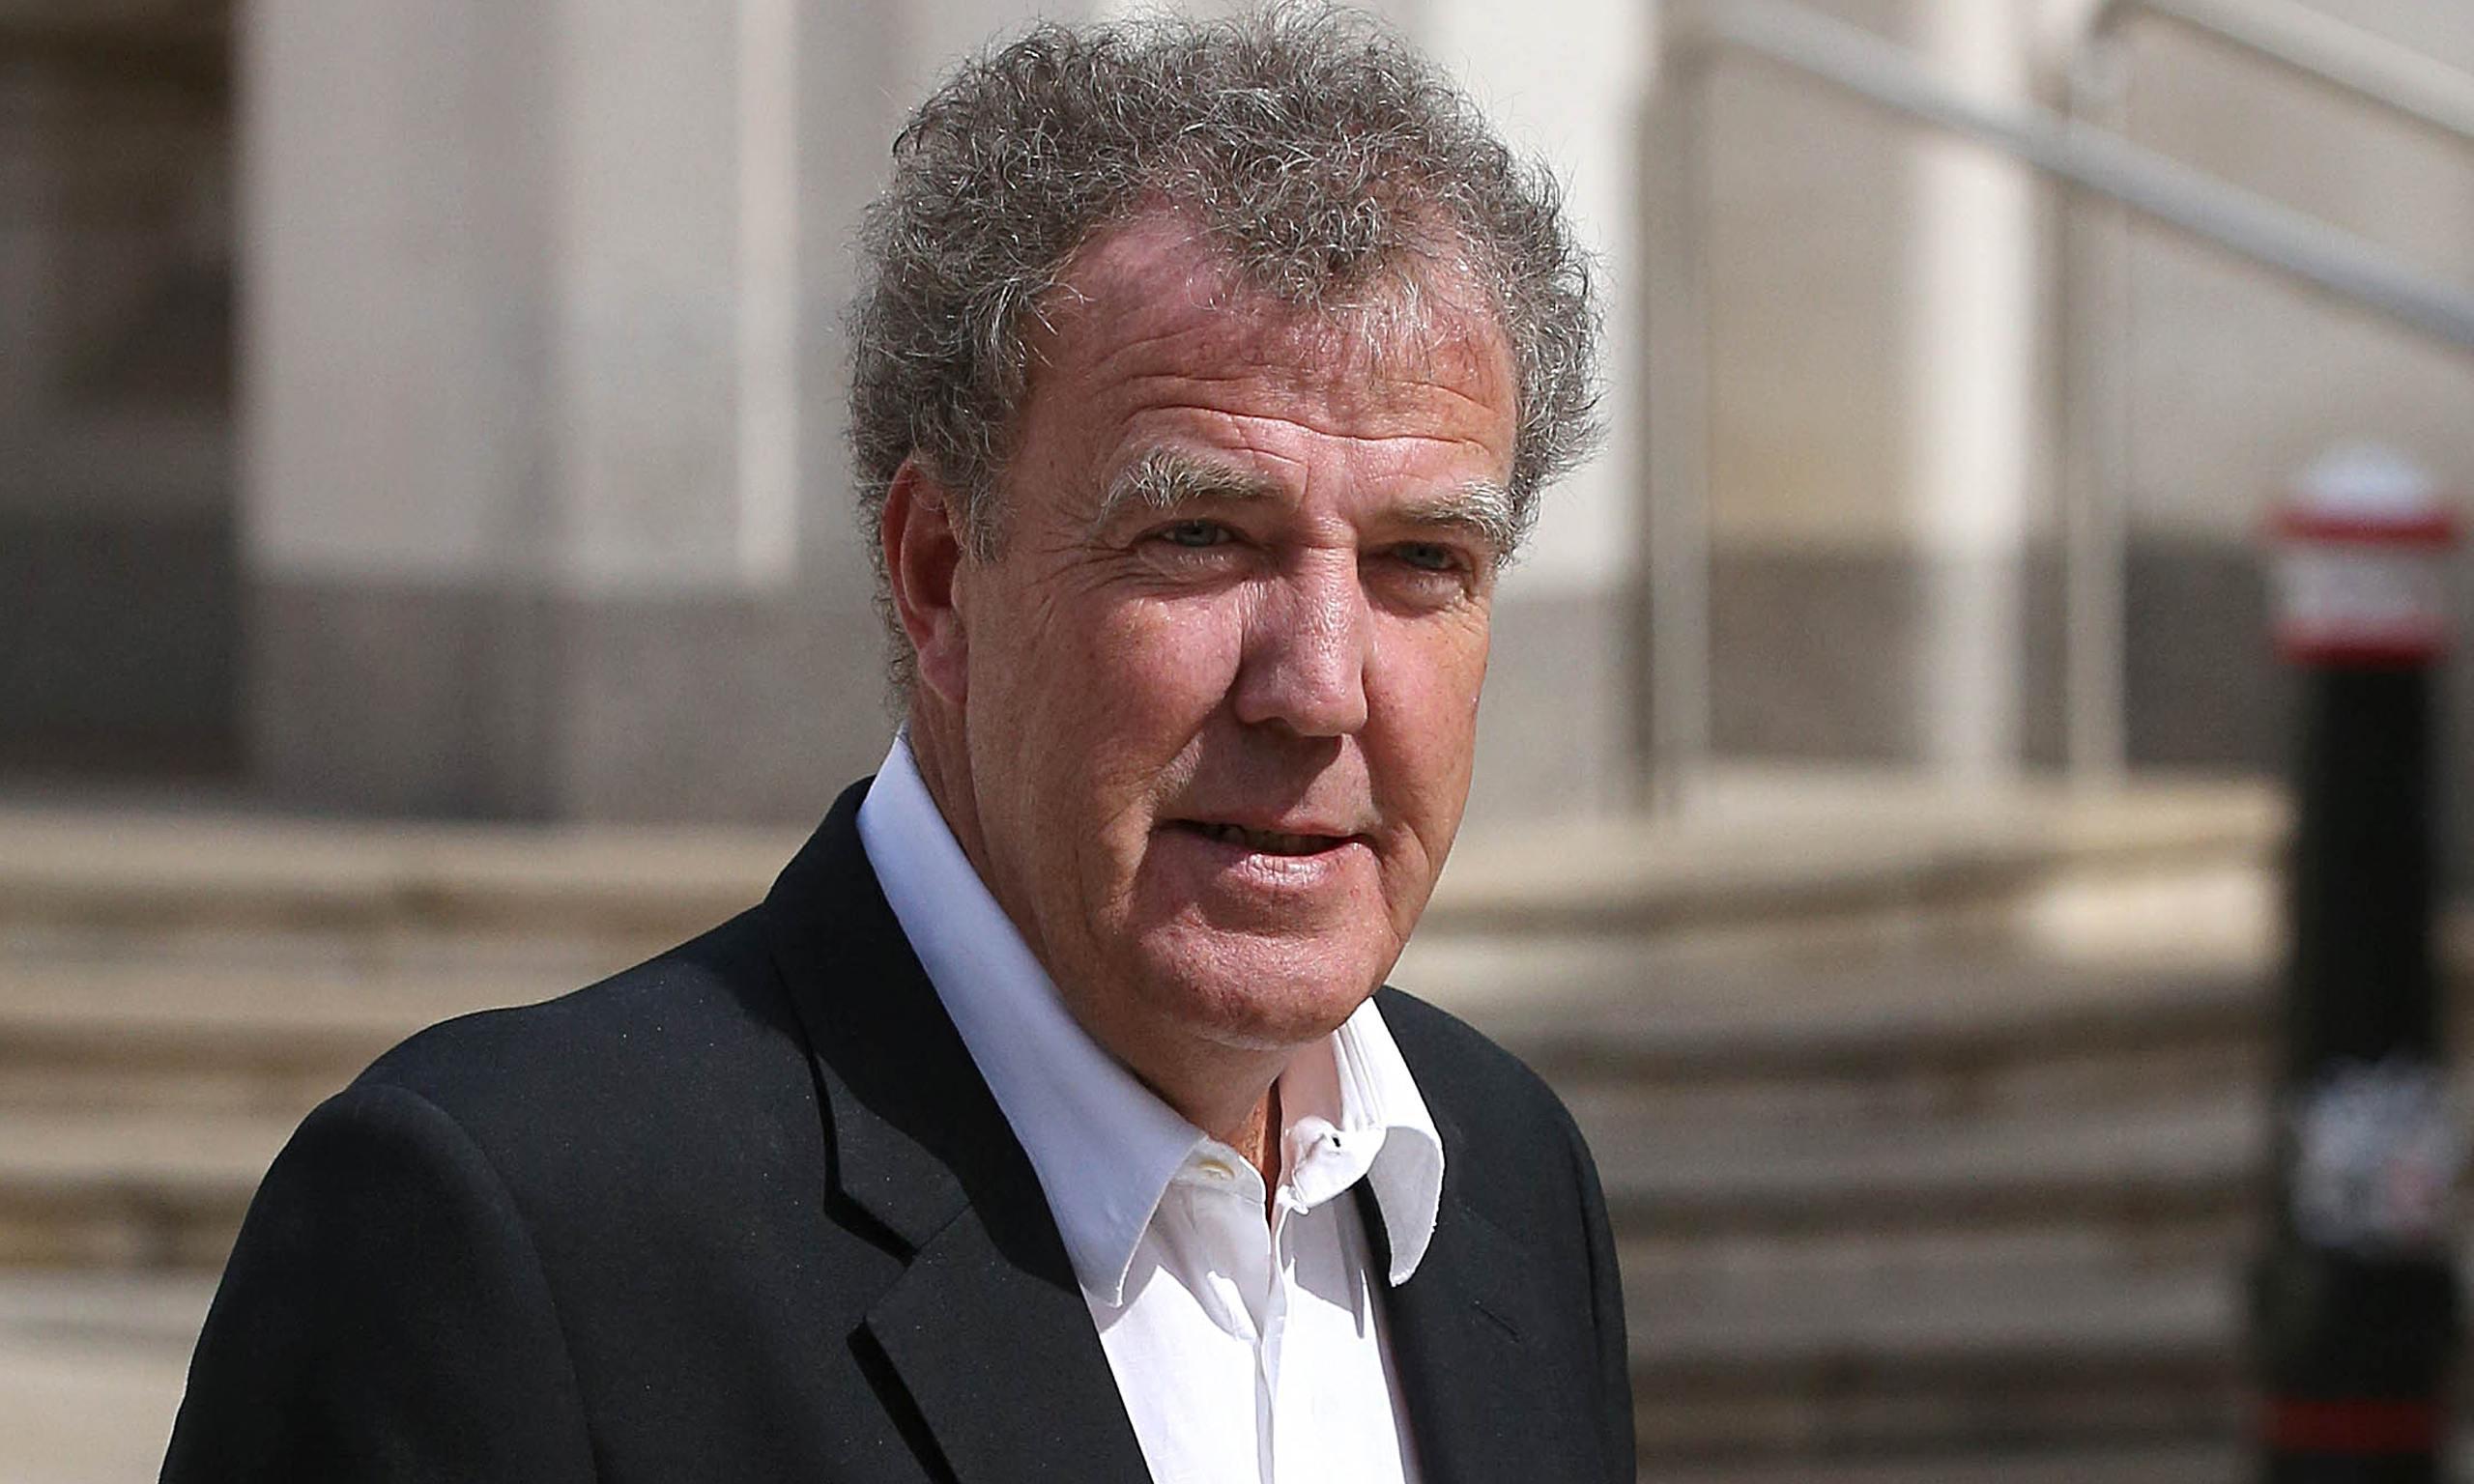 Jeremy Clarkson Background